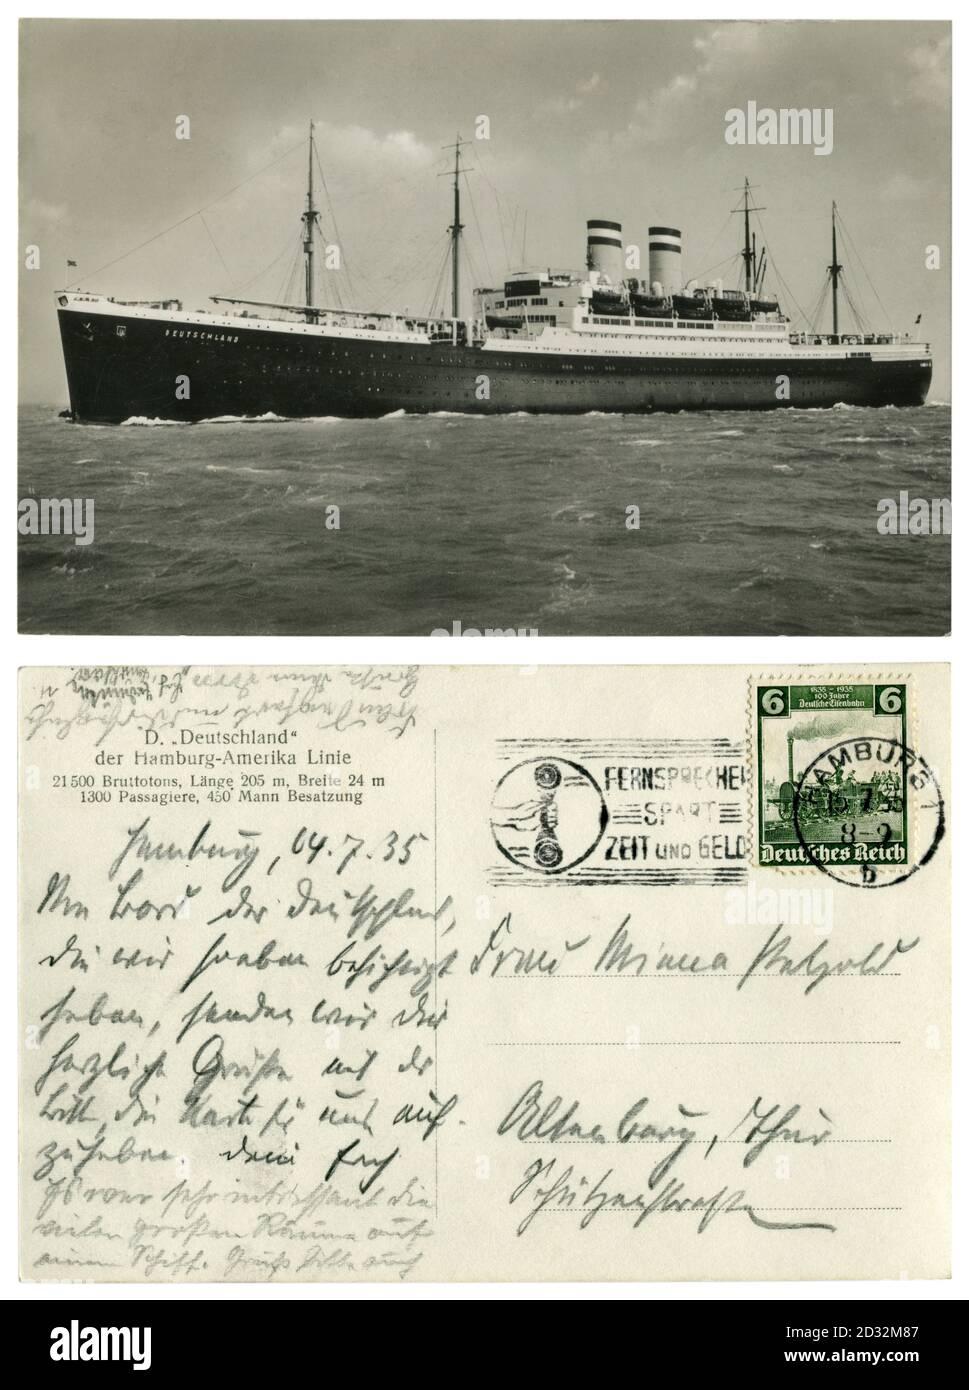 Carte postale historique allemande: ocean liner SS «Deutschland» (1923) de la ligne Hambourg-Amérique en mer. Hamburg - New York route, 1924-1940. Allemagne Banque D'Images